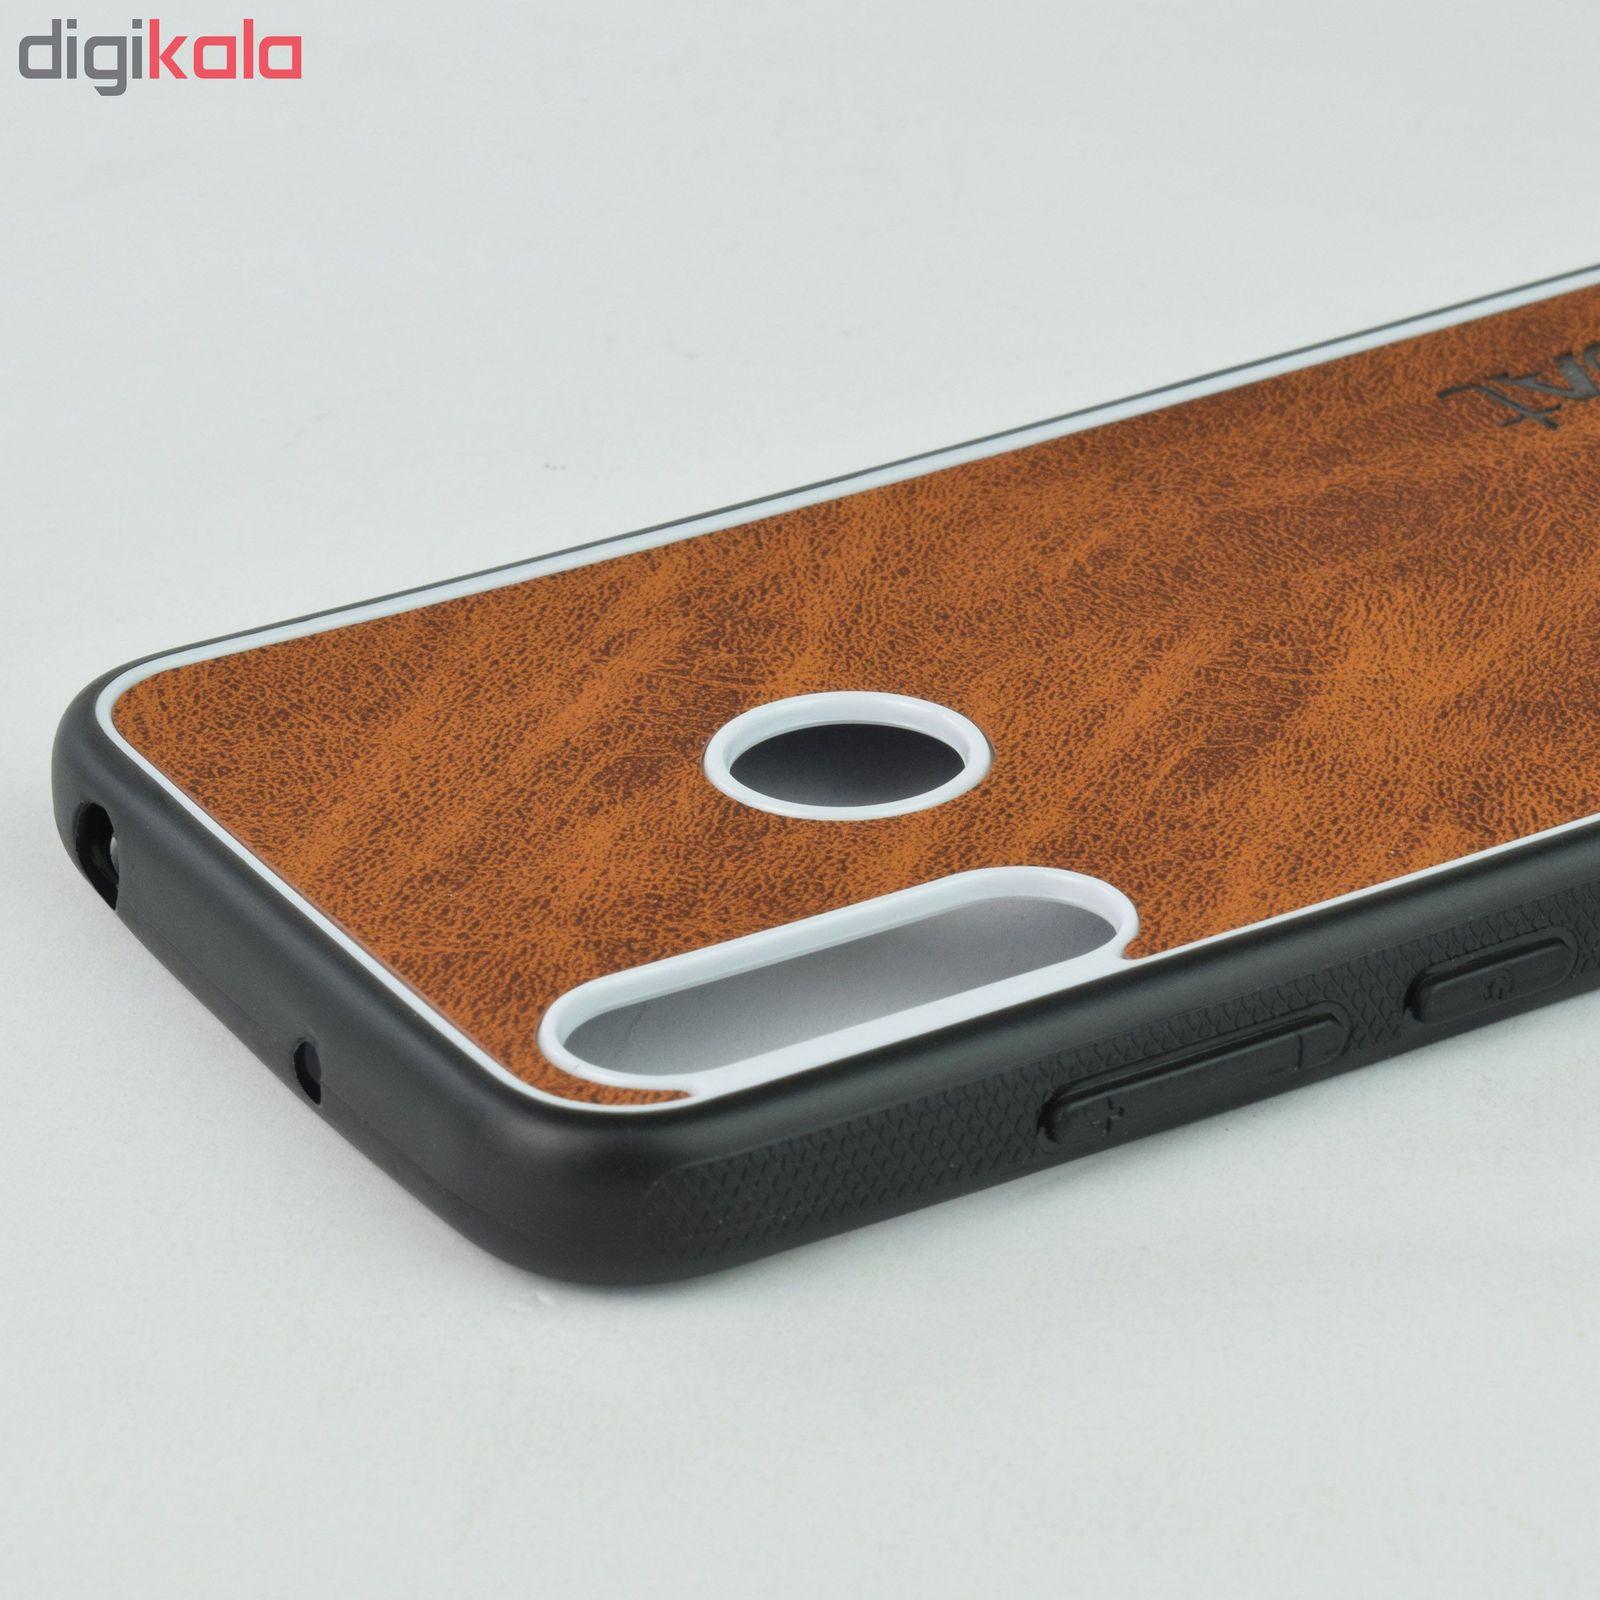 کاور مدل BT10 مناسب برای گوشی موبایل هوآوی Y6Prime 2019 main 1 5